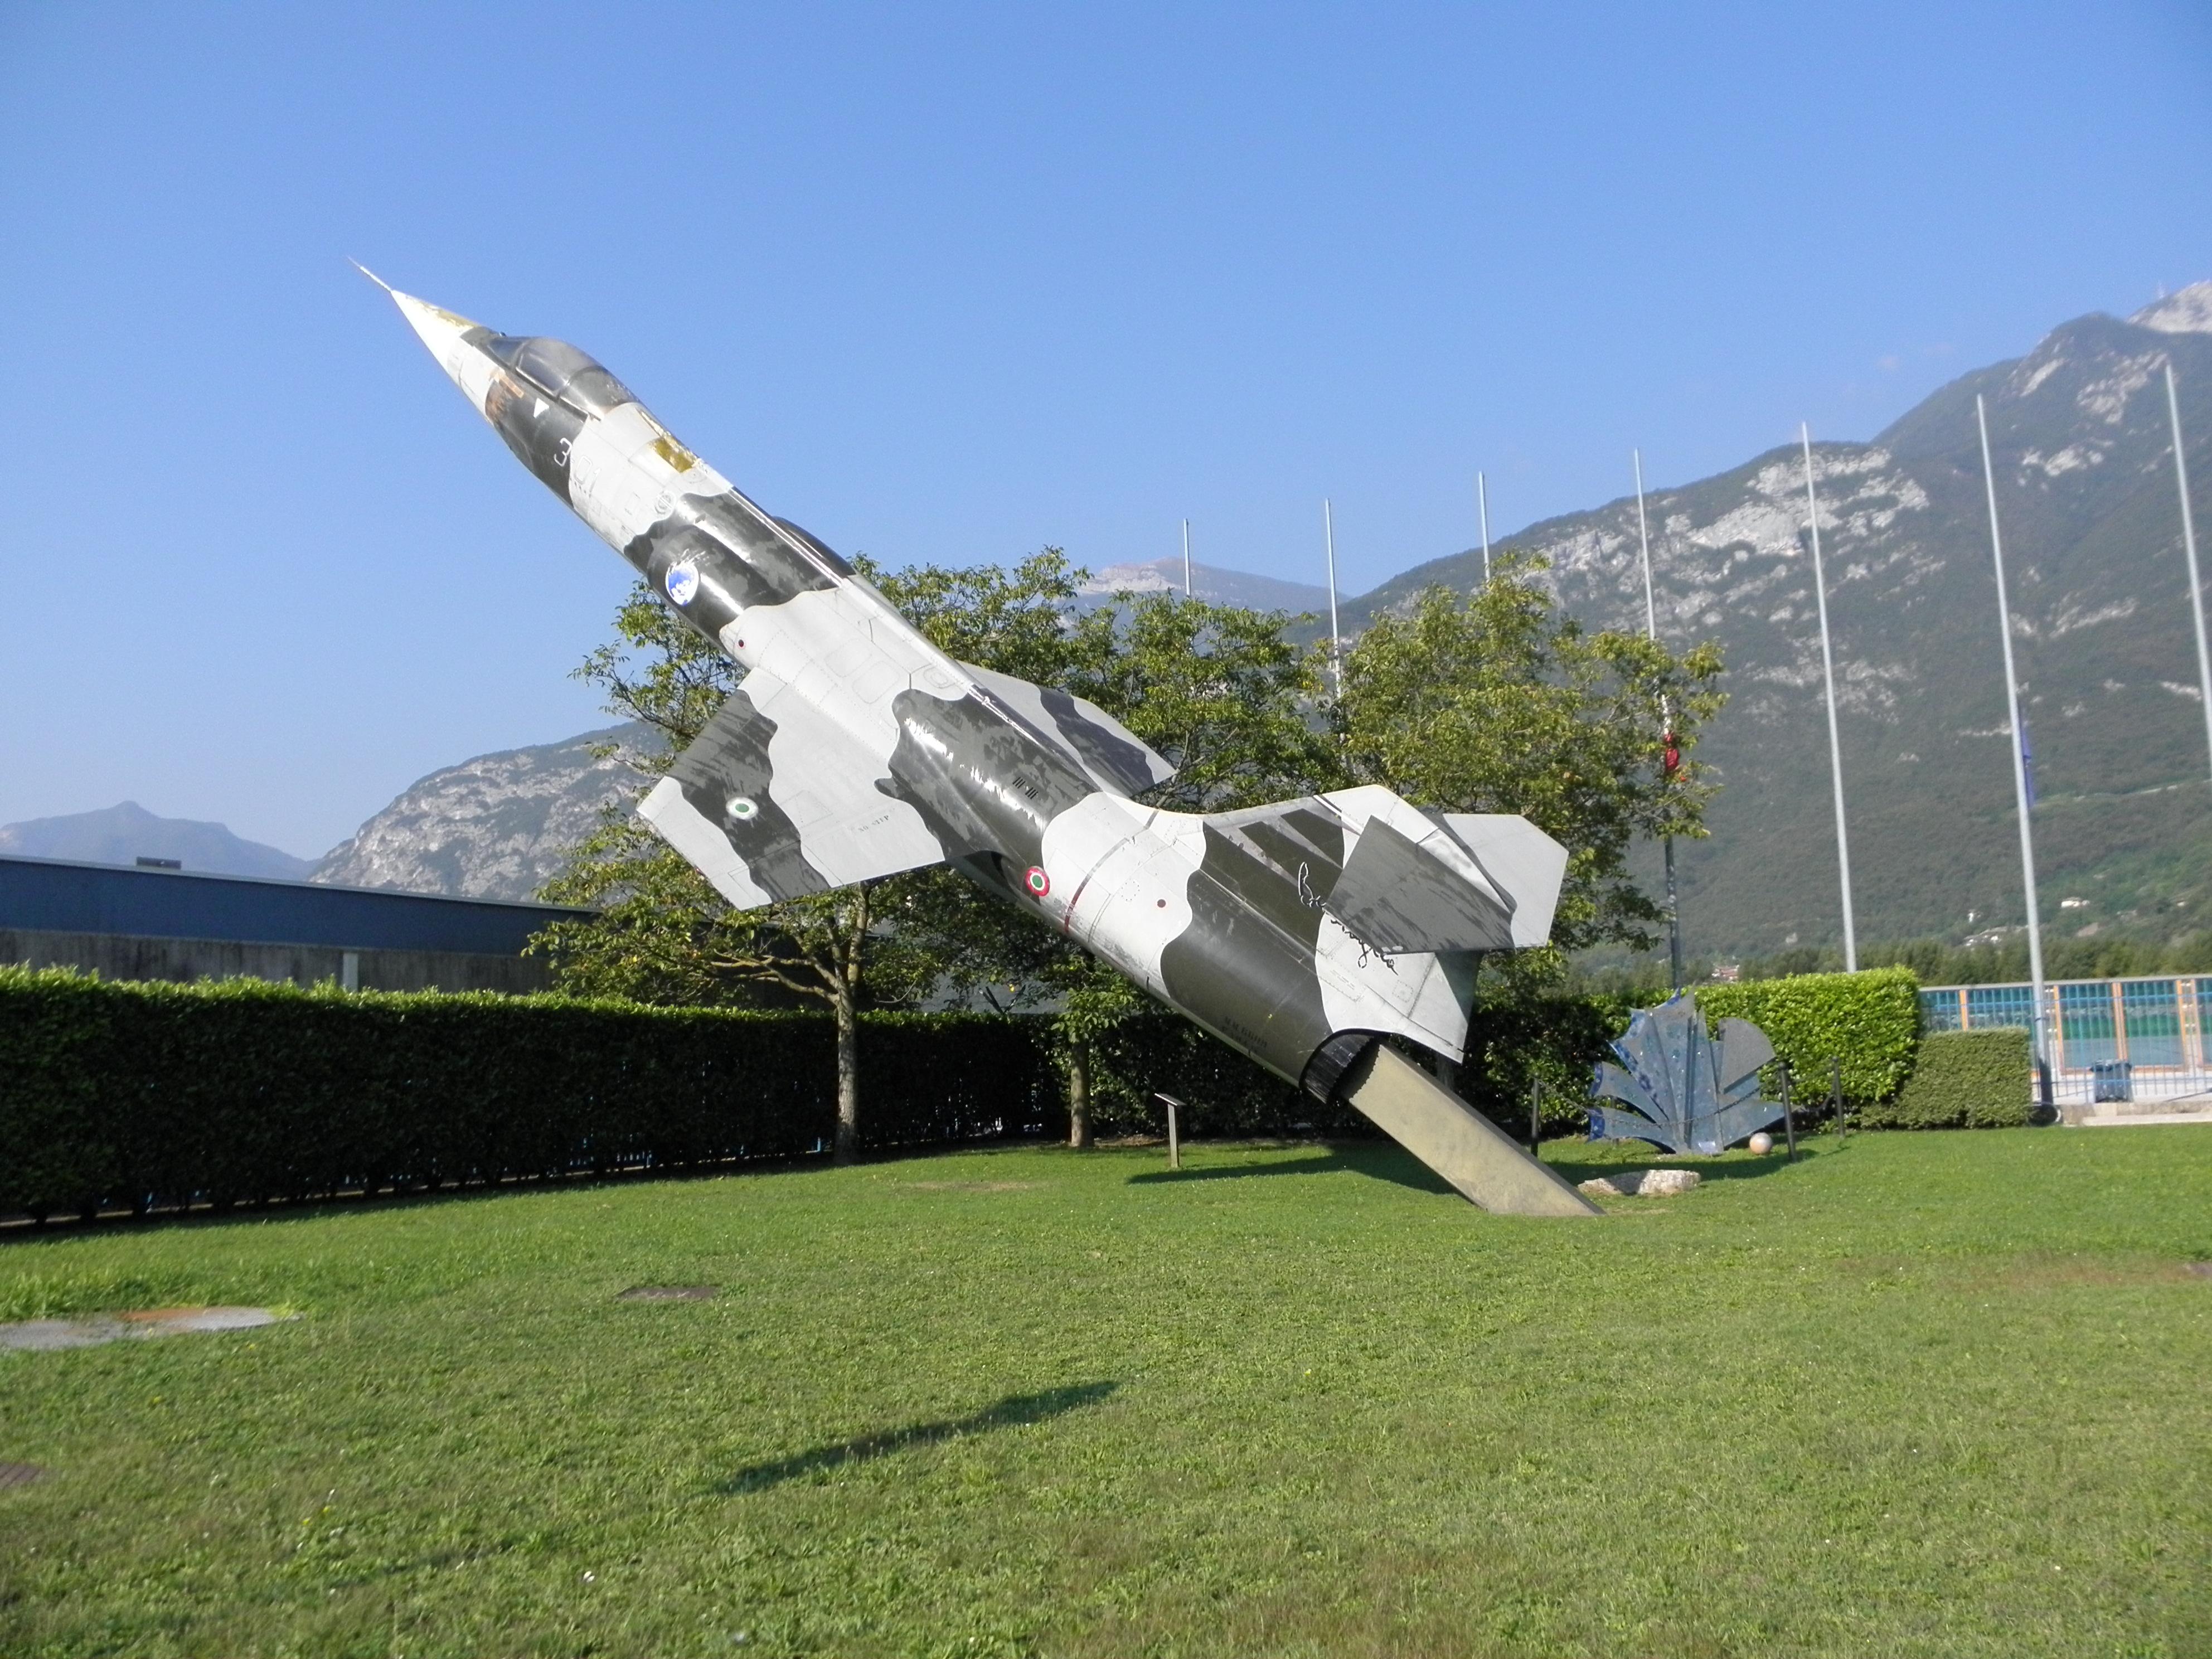 Aeroporto Trento : File aeroporto di trento mattarello gianni caproni f g